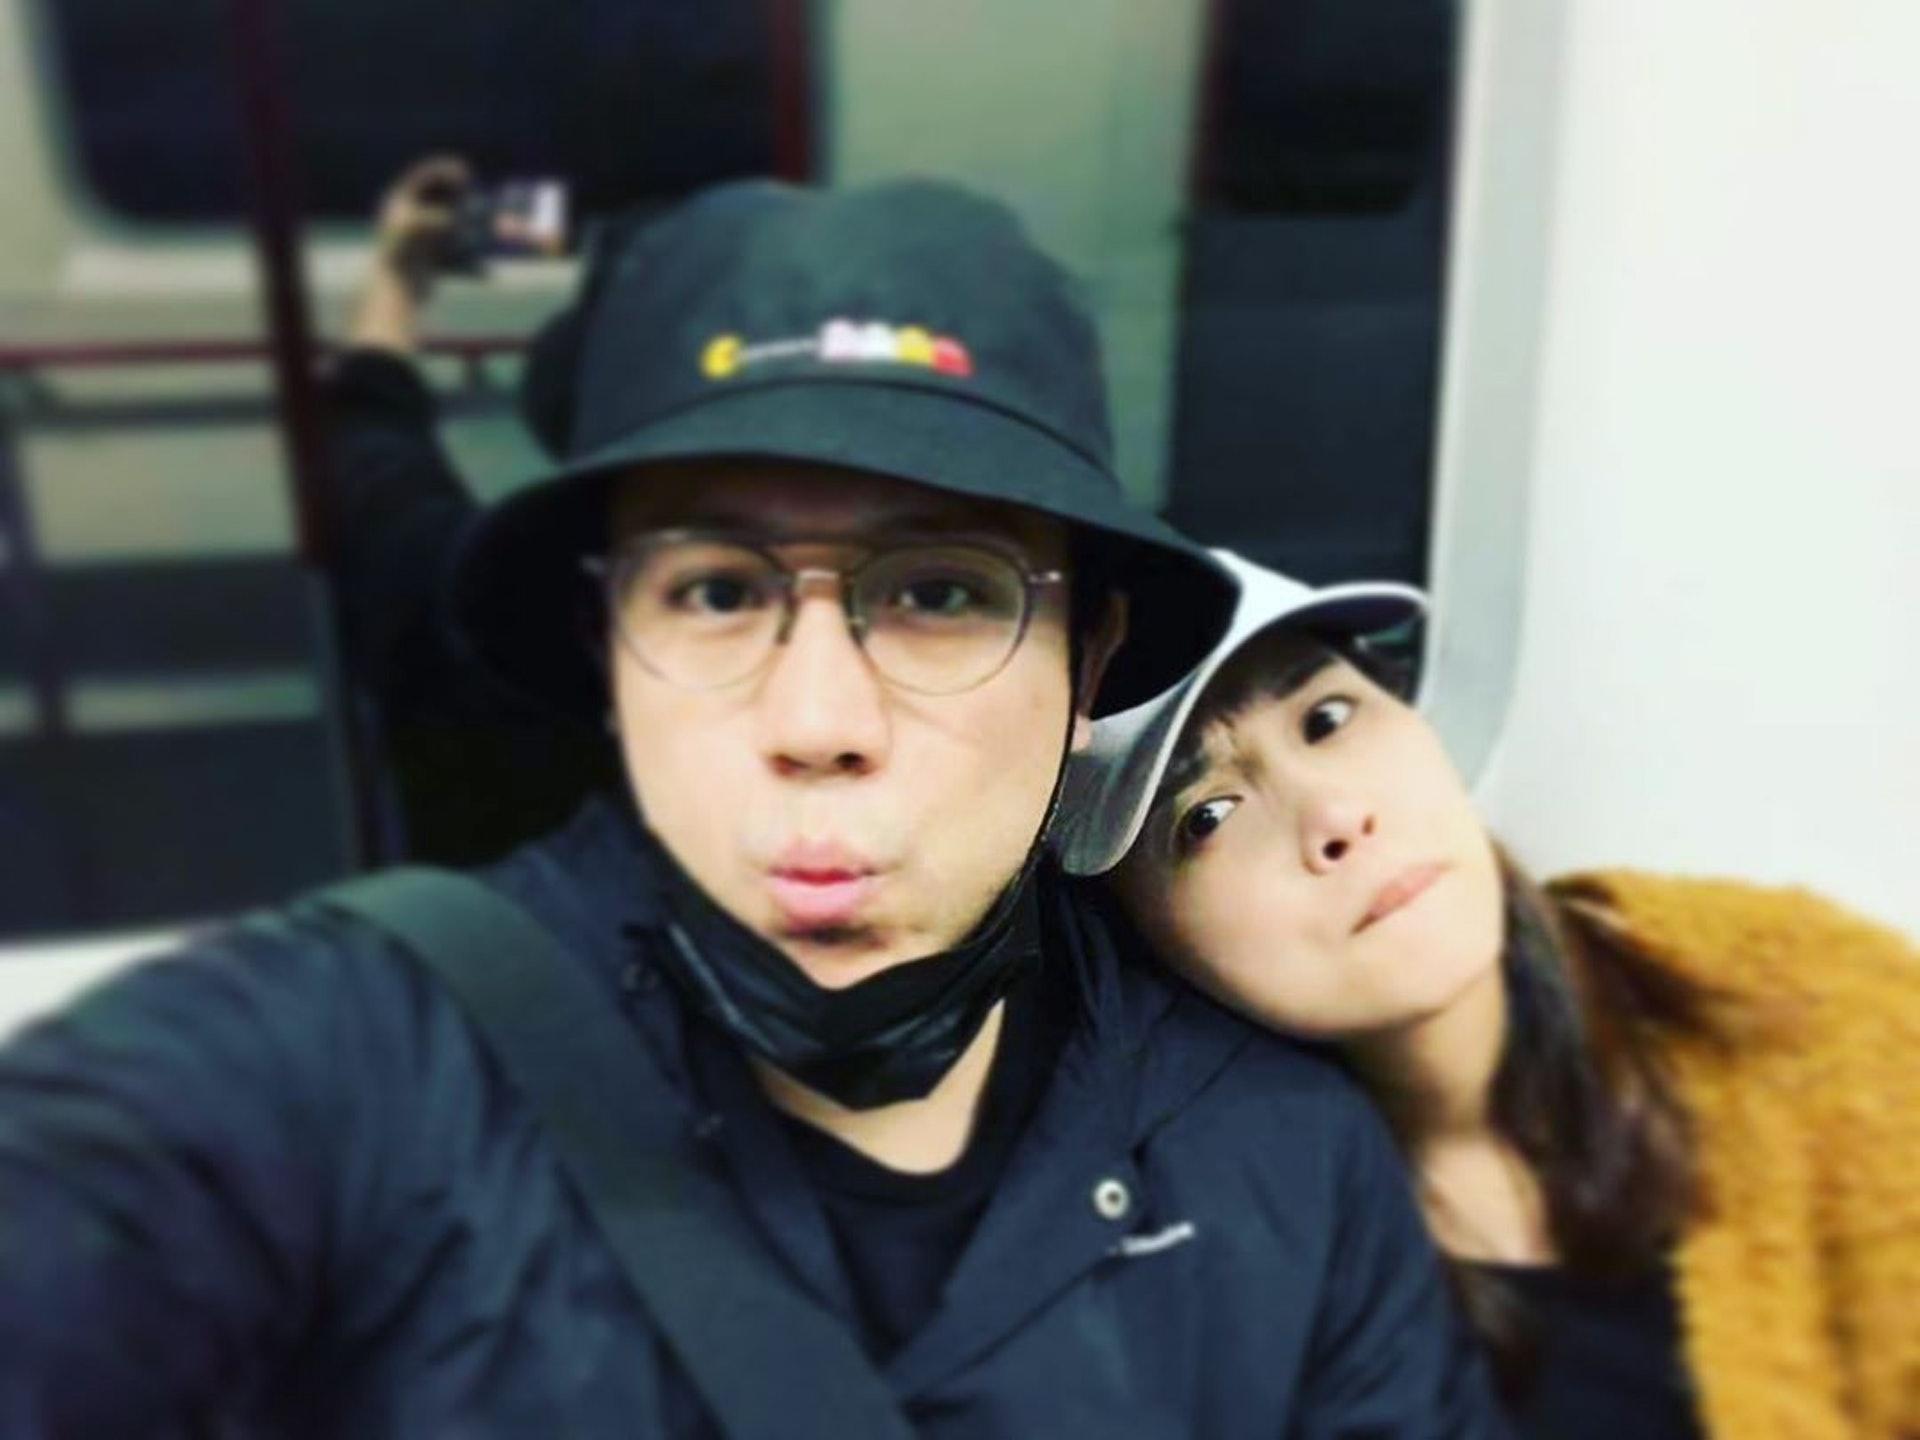 張致恆(Steven)宣佈即將結婚和已成為人父的消息,但對象並不是正印女朋友April,疑似出軌。(stevencheung@Instagram)